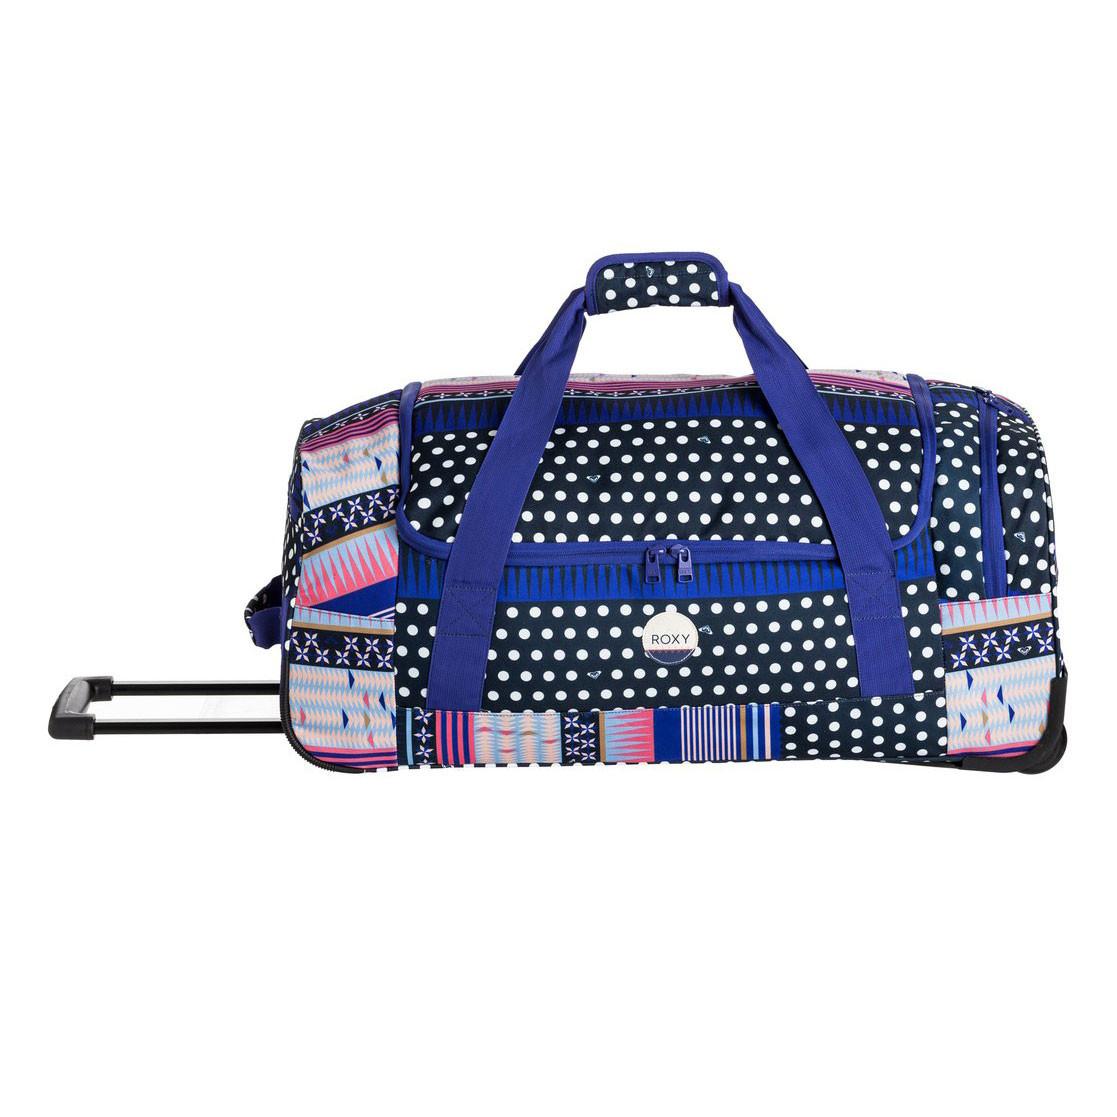 Cestovní taška Roxy Distance Accross dress blues wintery geo